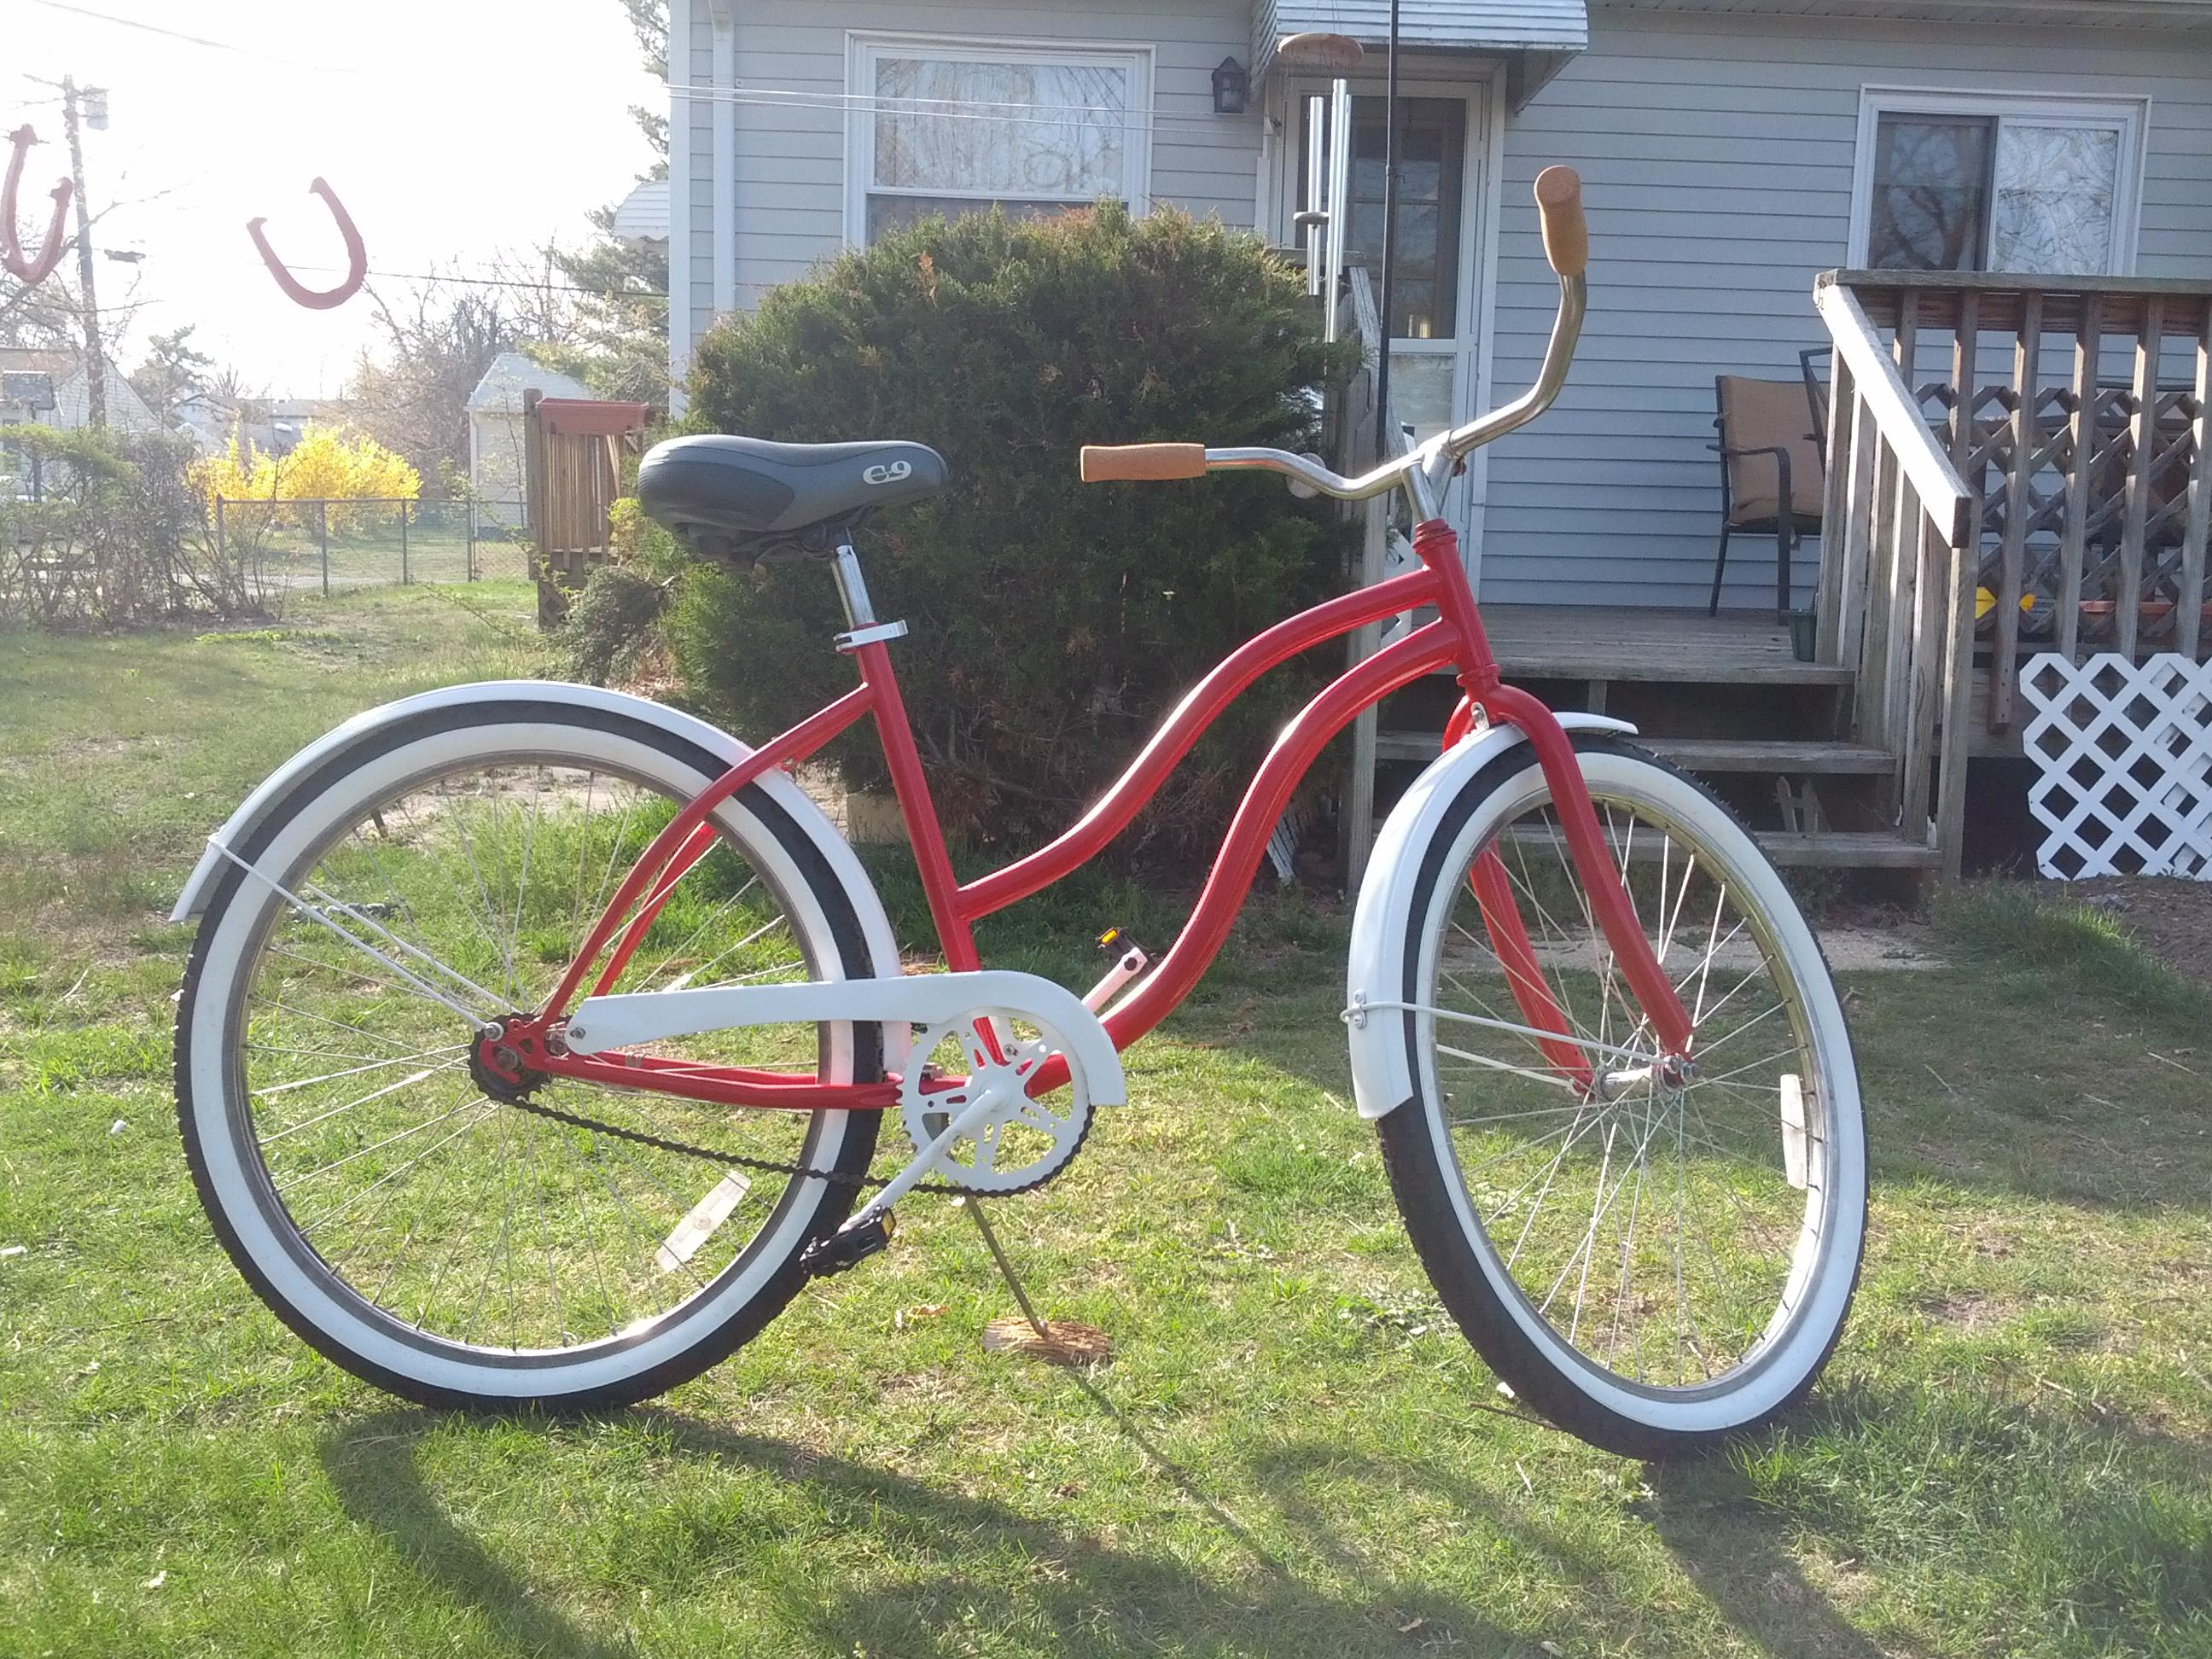 Refurbishing an Old Bicycle